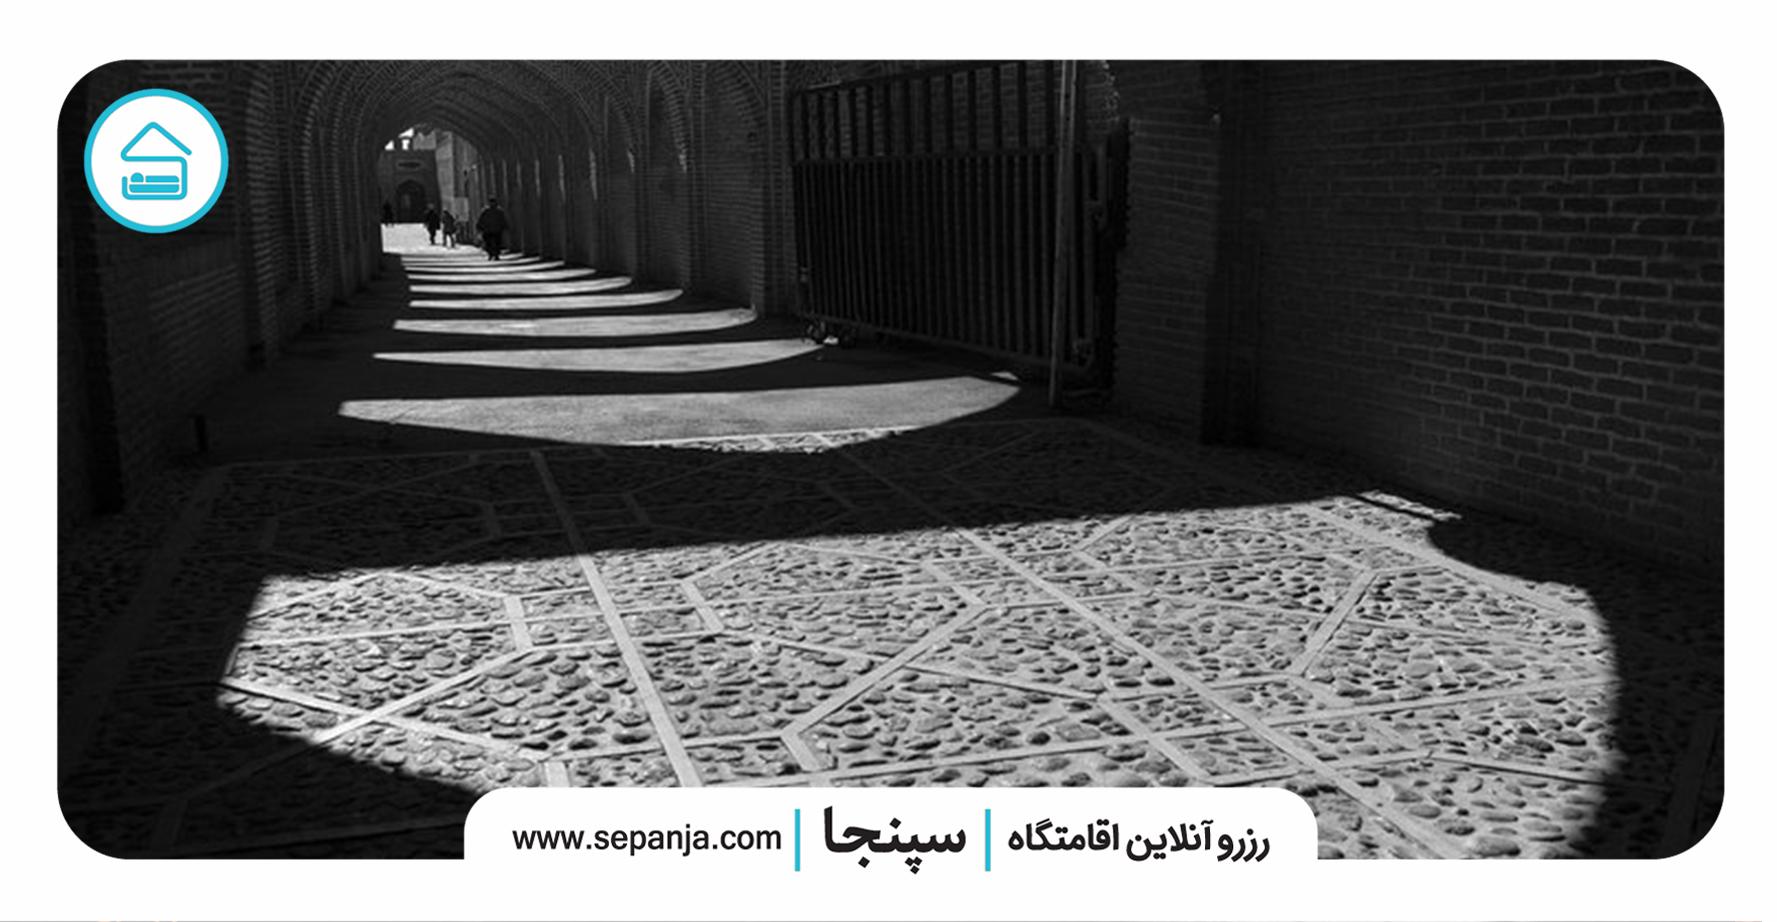 راهنمای سفر به قزوین و بررسی راه های دسترسی به این قطب گردشگری ایران